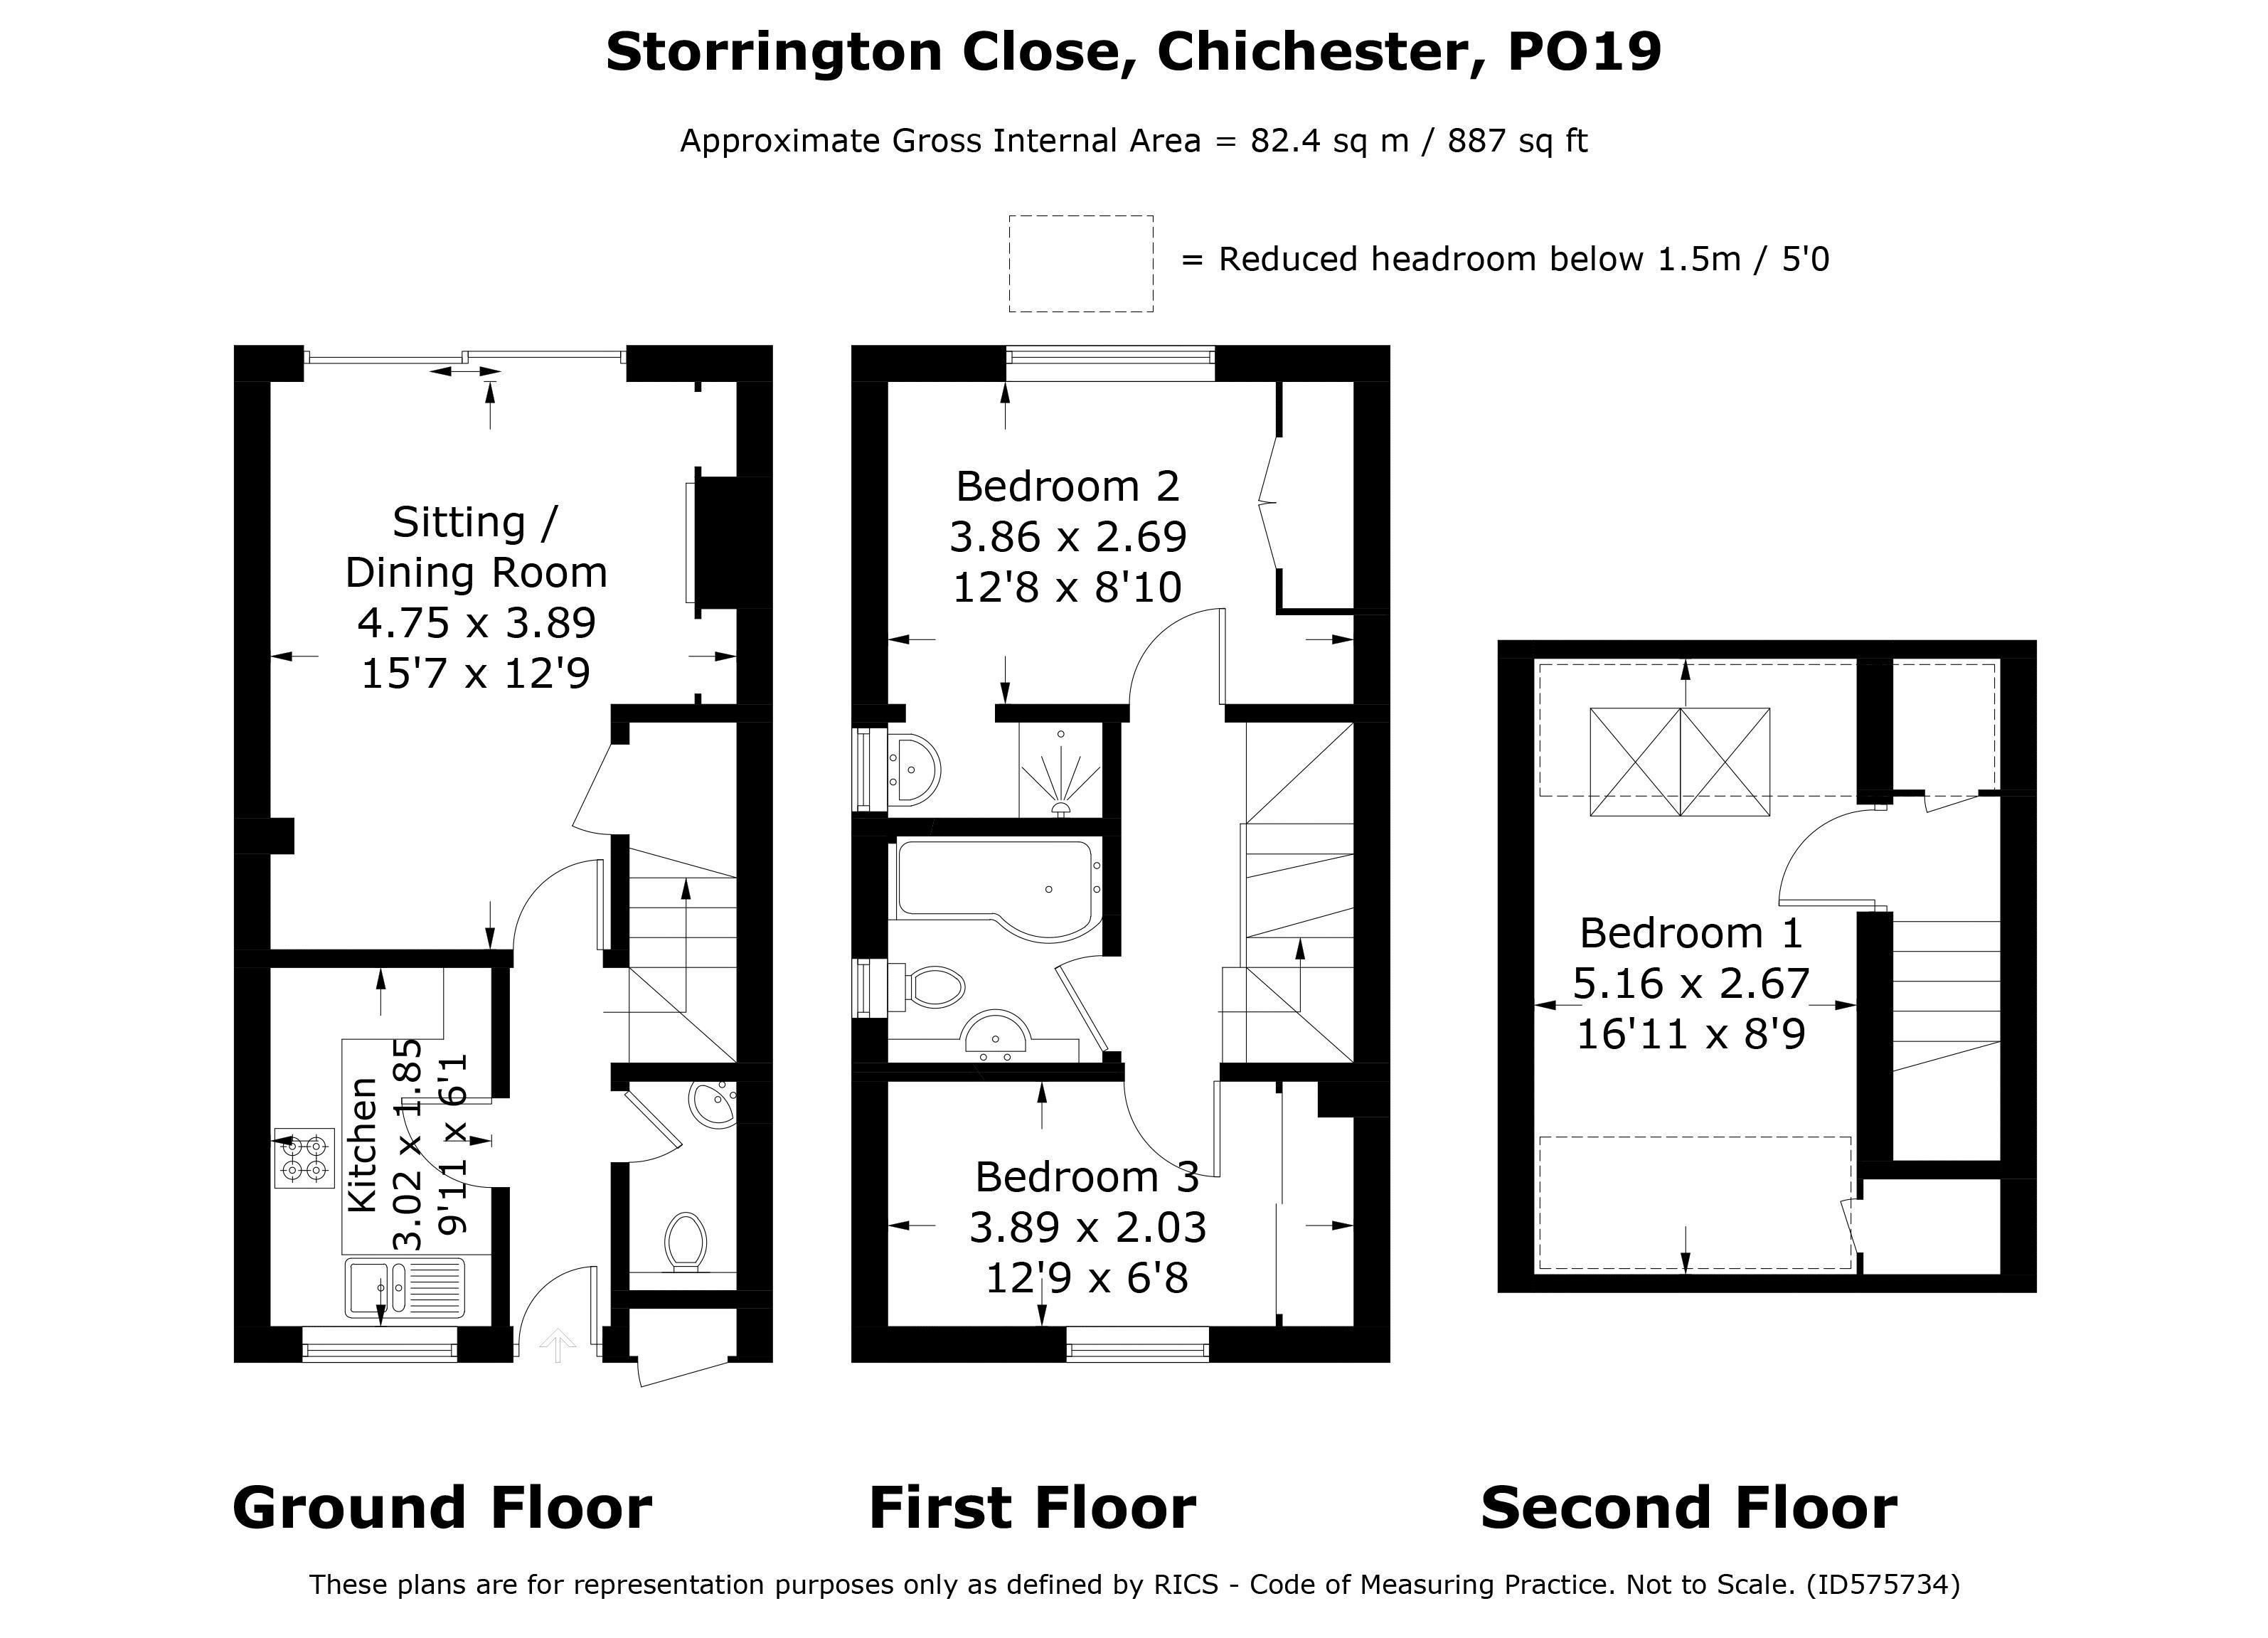 Storrington Close